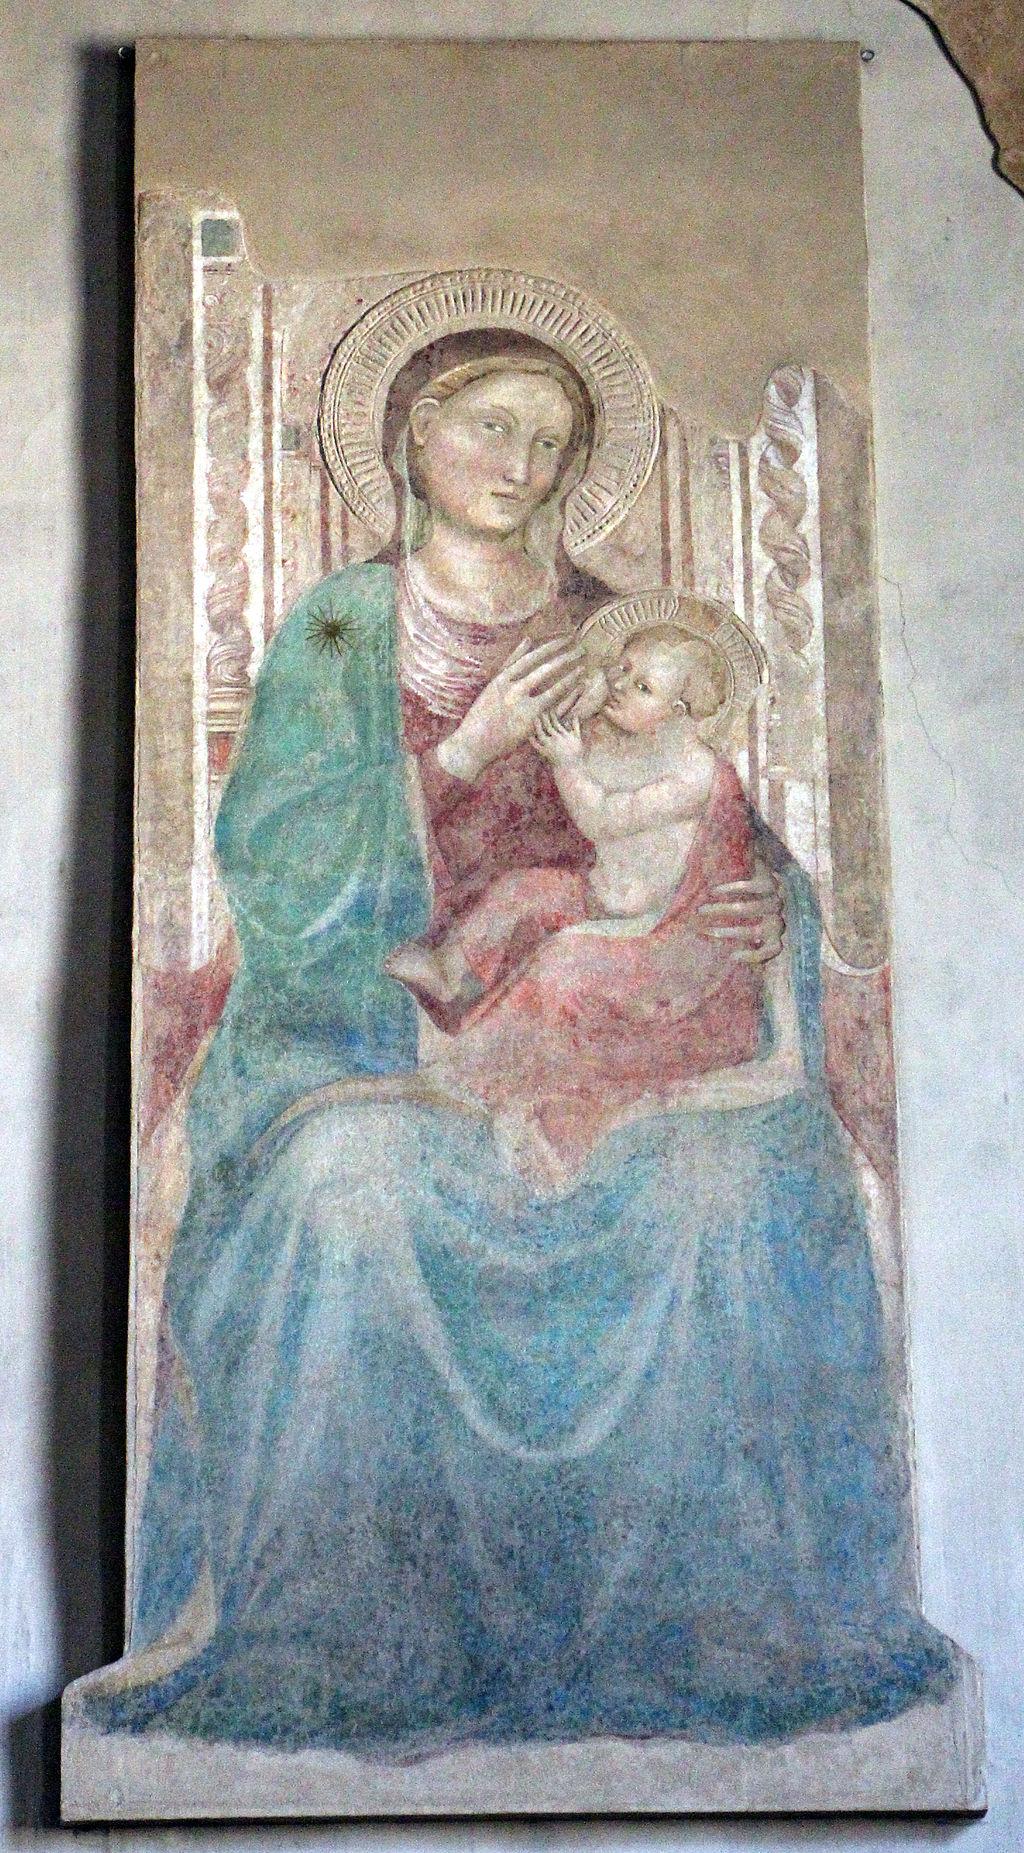 Lorenzo di bicci, affreschi del tabernacolo del madonnone, 02